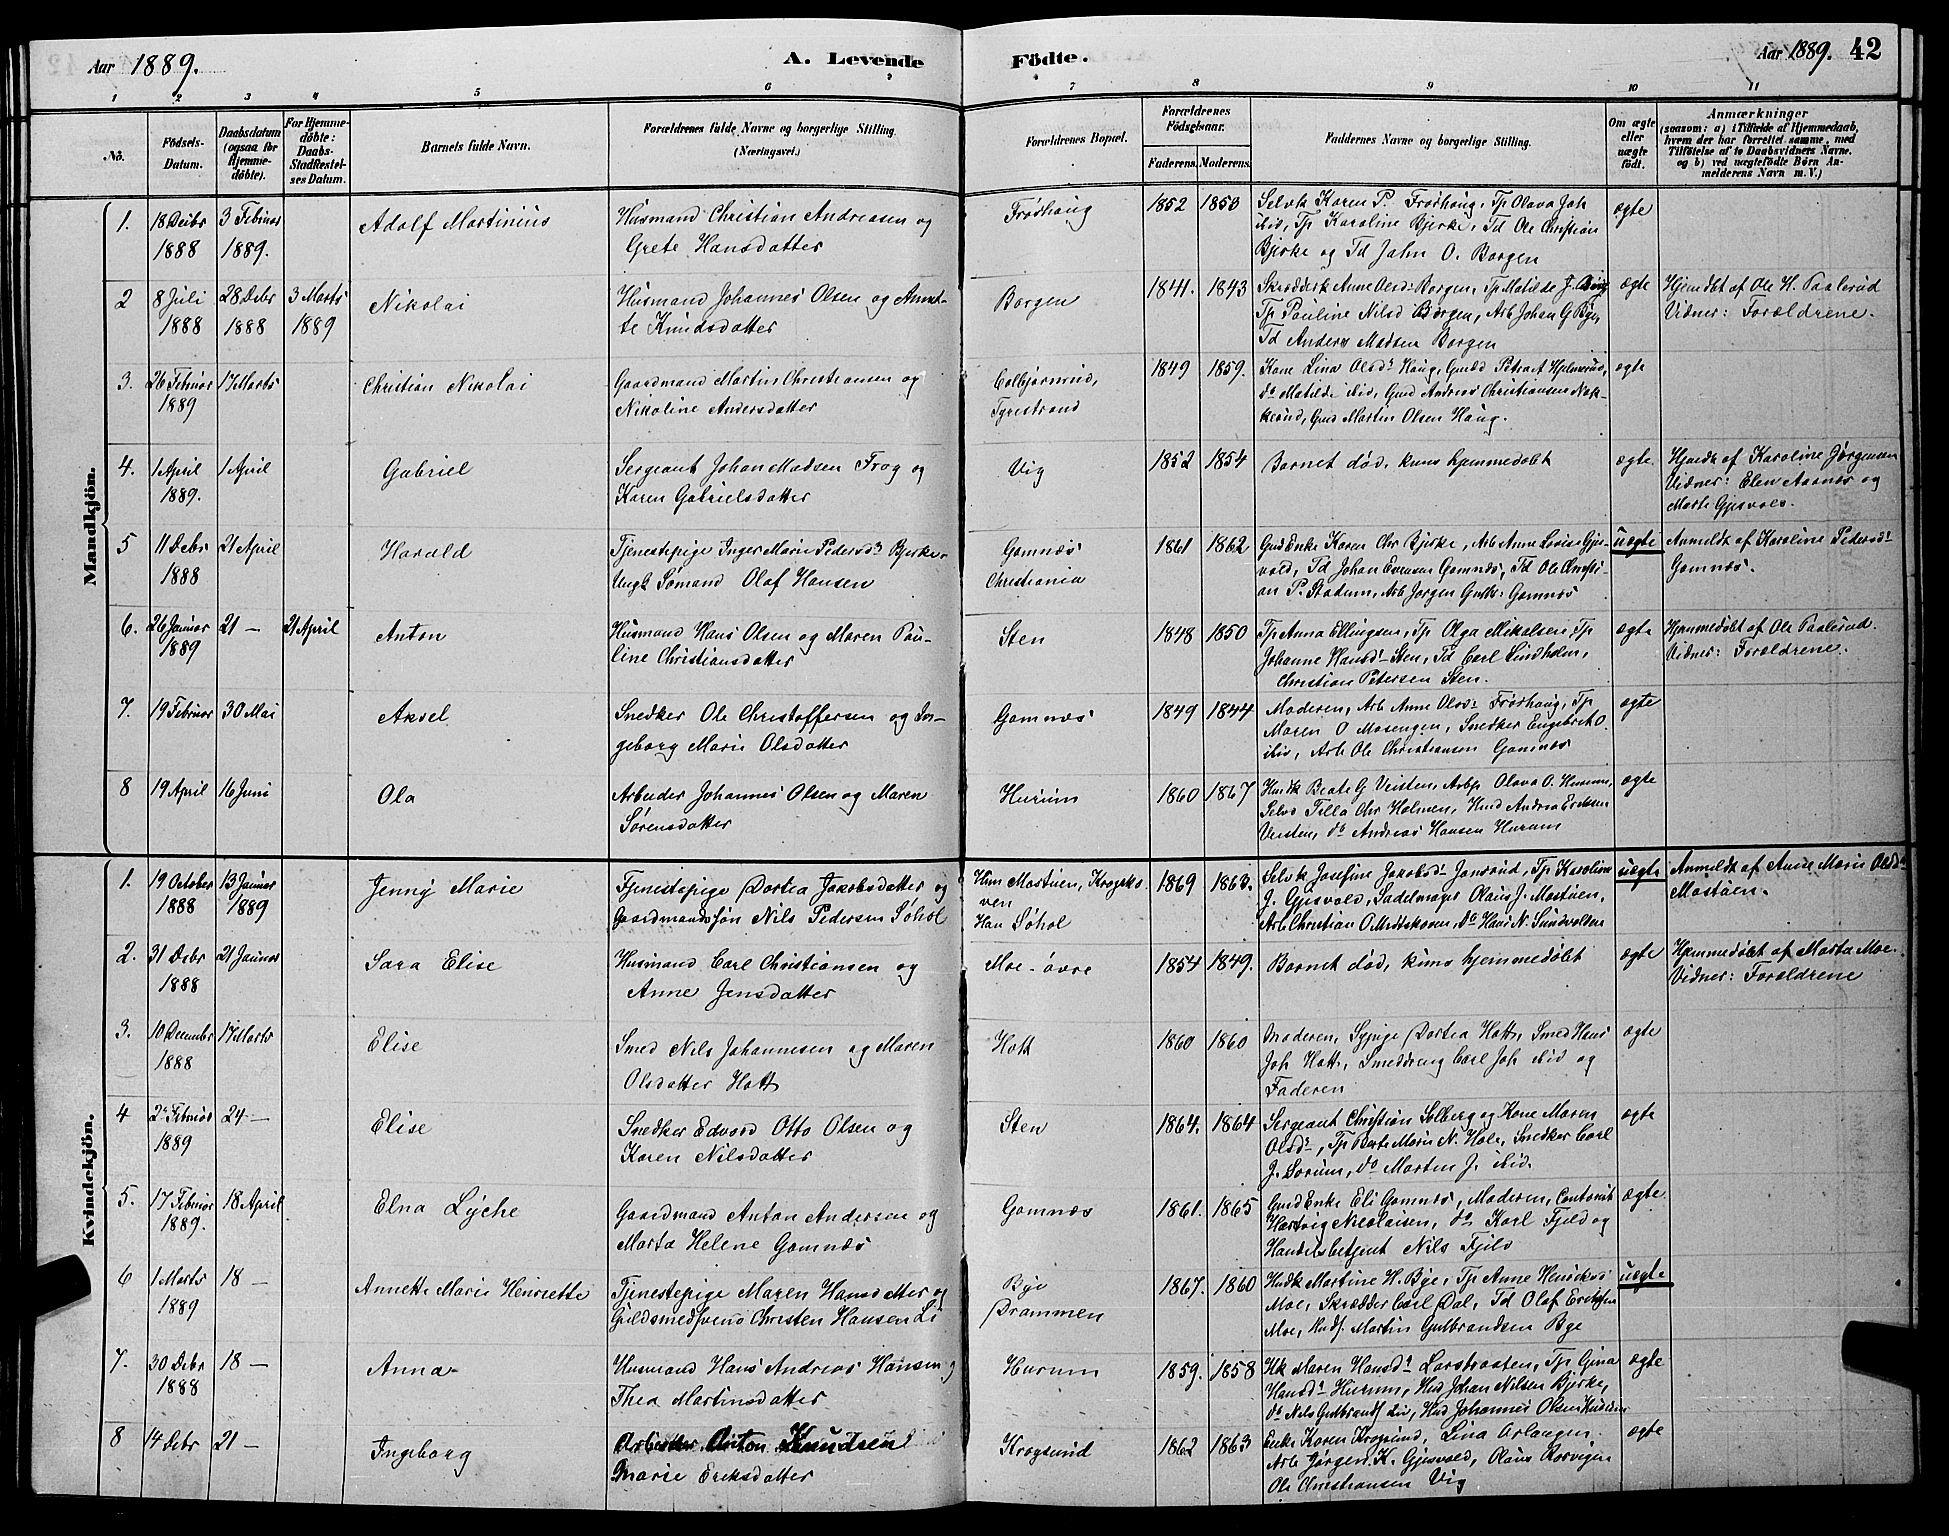 SAKO, Hole kirkebøker, G/Ga/L0003: Klokkerbok nr. I 3, 1879-1904, s. 42